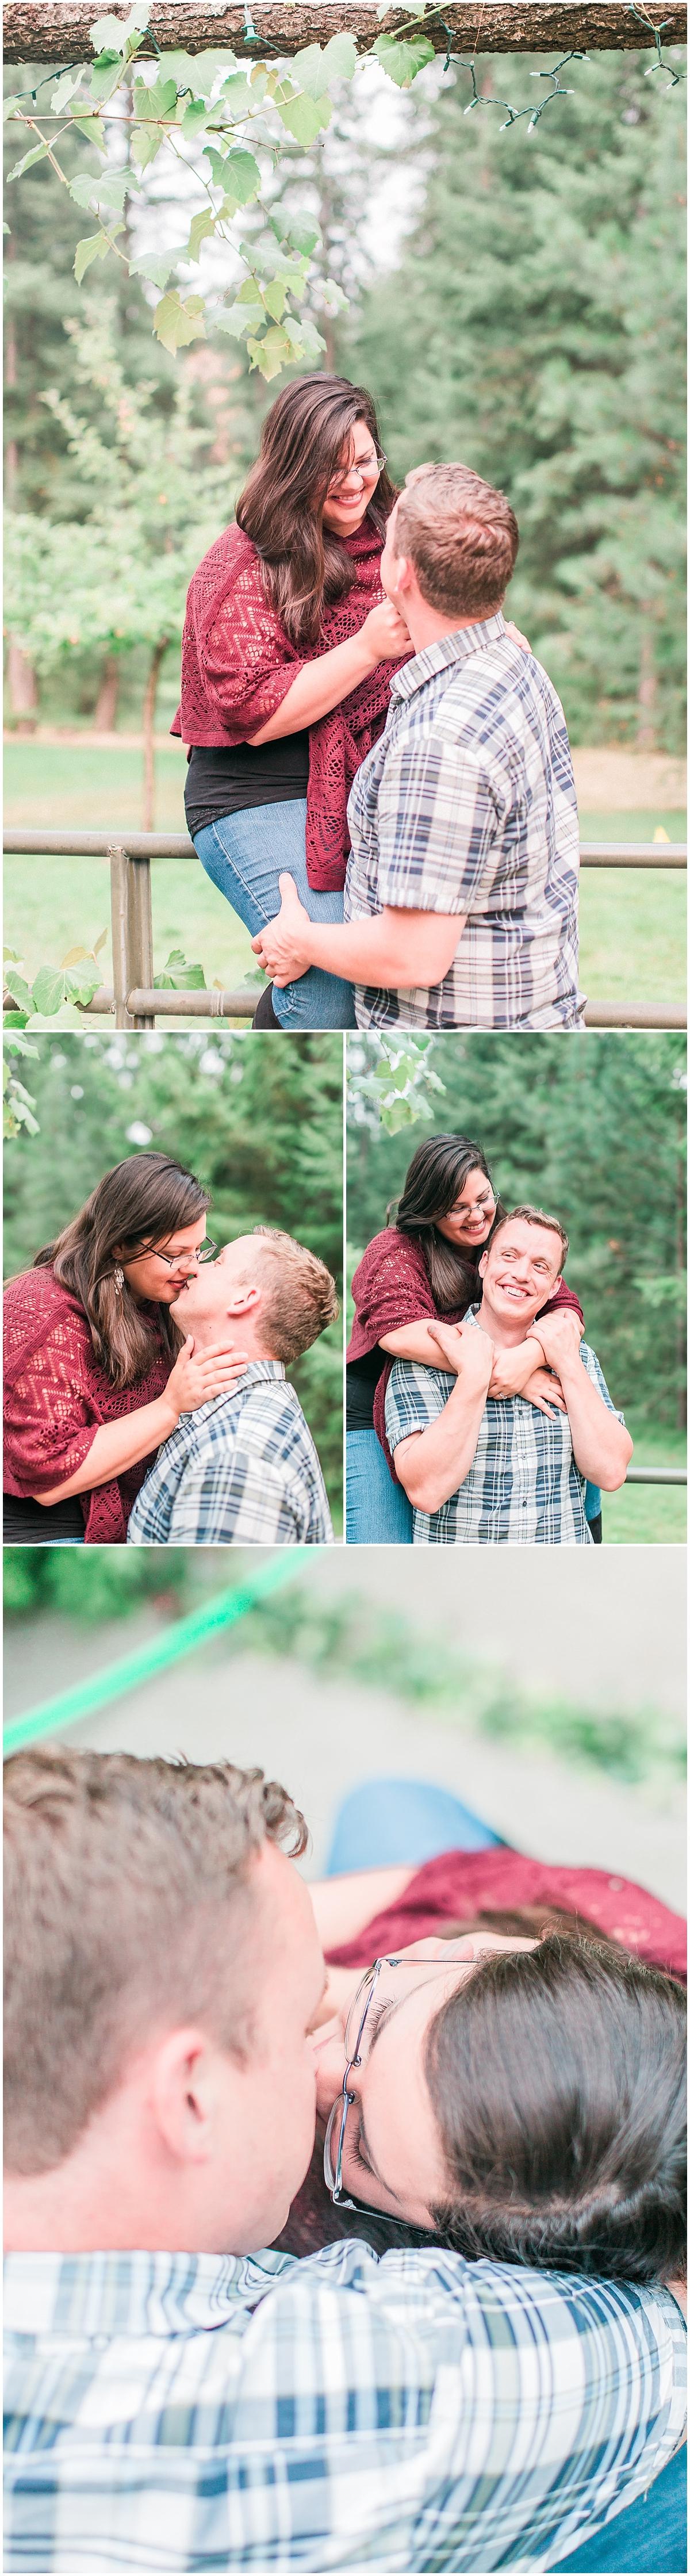 Backyard engagement photos